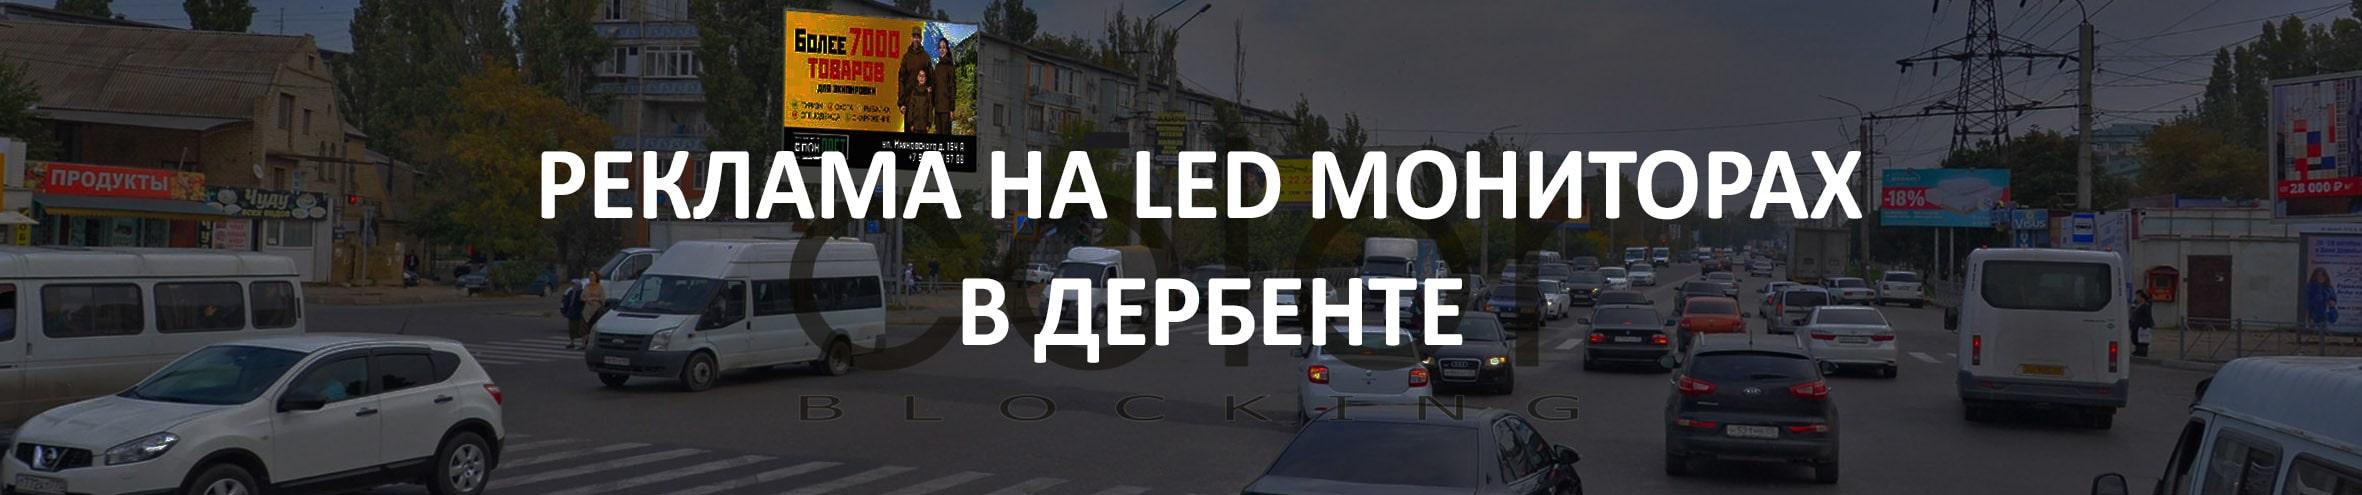 Реклама на LED экранах в Дагестане Дербент